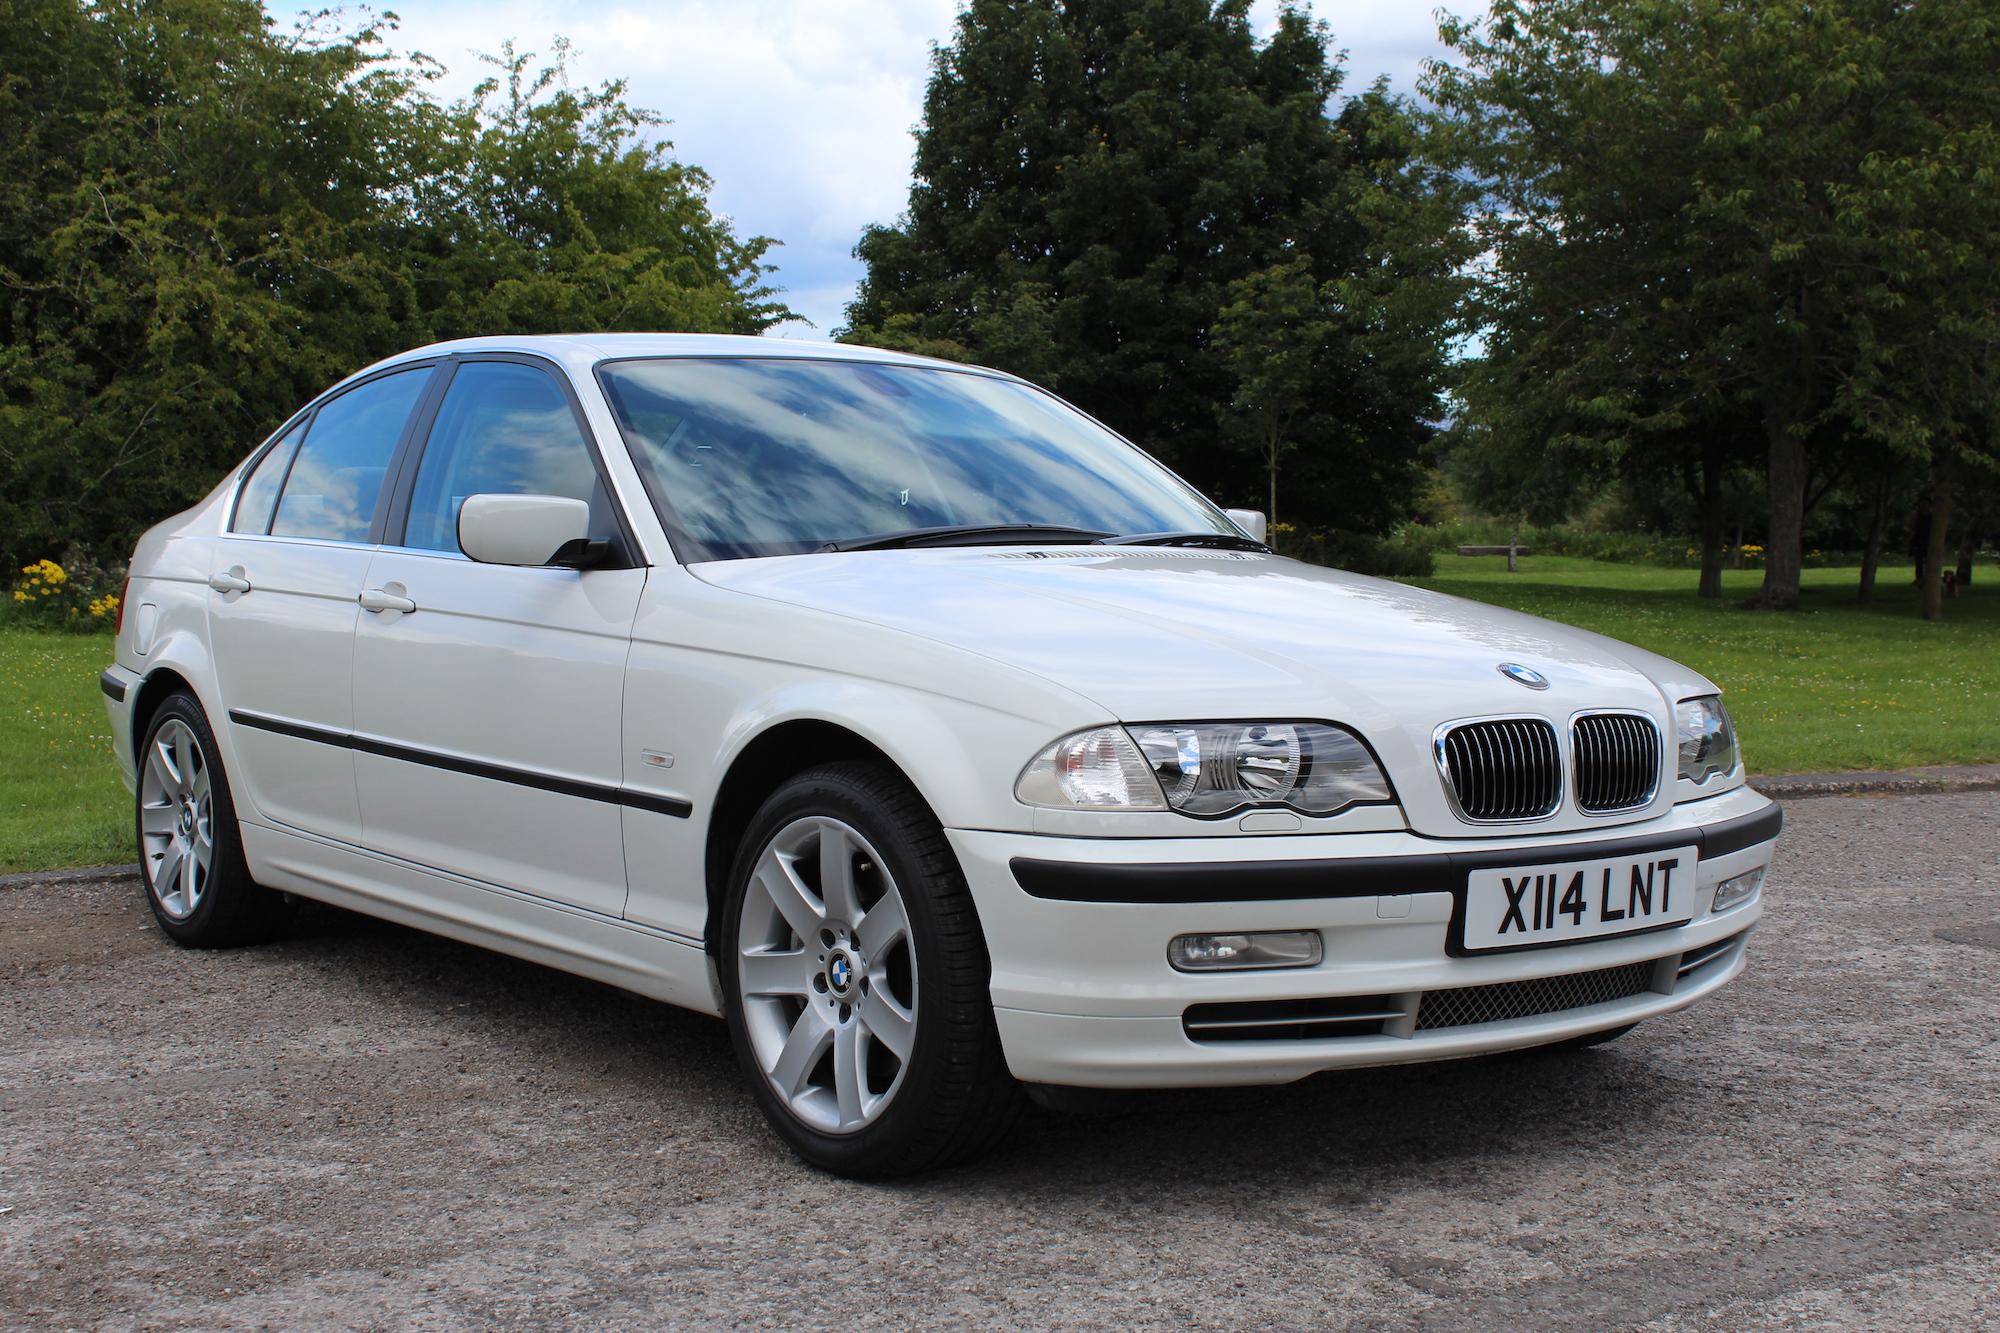 2000 BMW (E46) 330i SE - 13,416 MILES